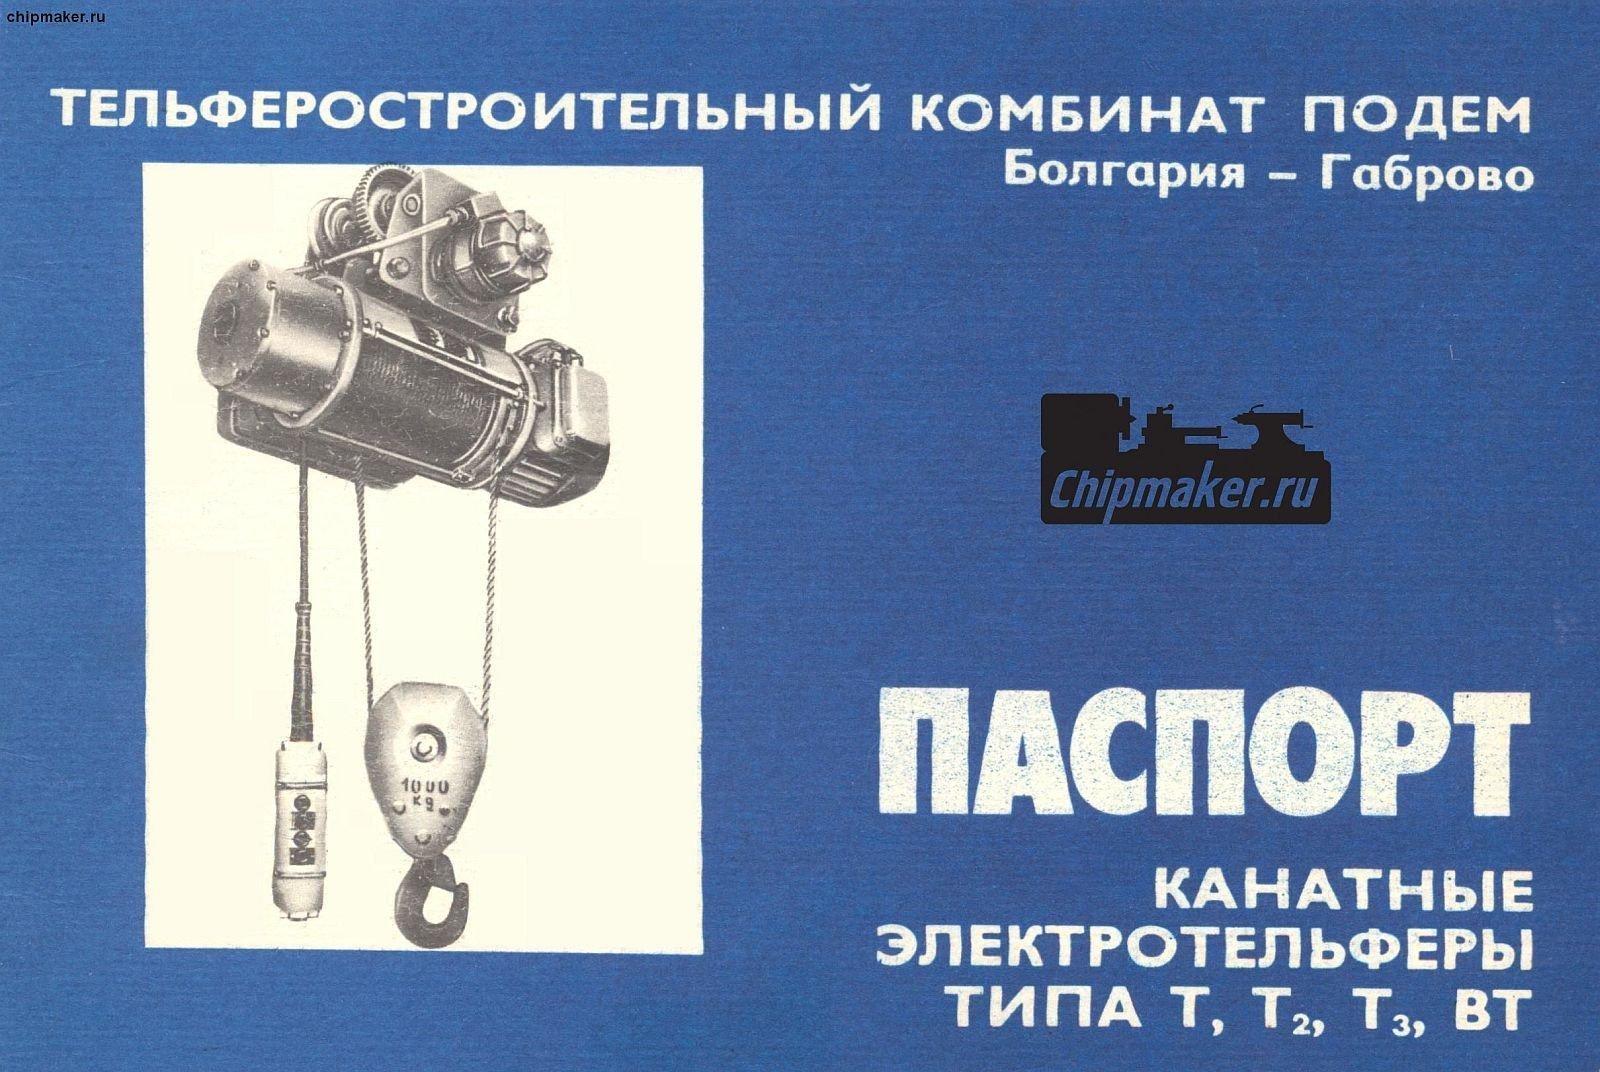 """Канатные электротельферы типа Т, Т2, Т3, ВТ. Тельферостроительный комбинат """"Подем"""", Болгария-Габрово"""